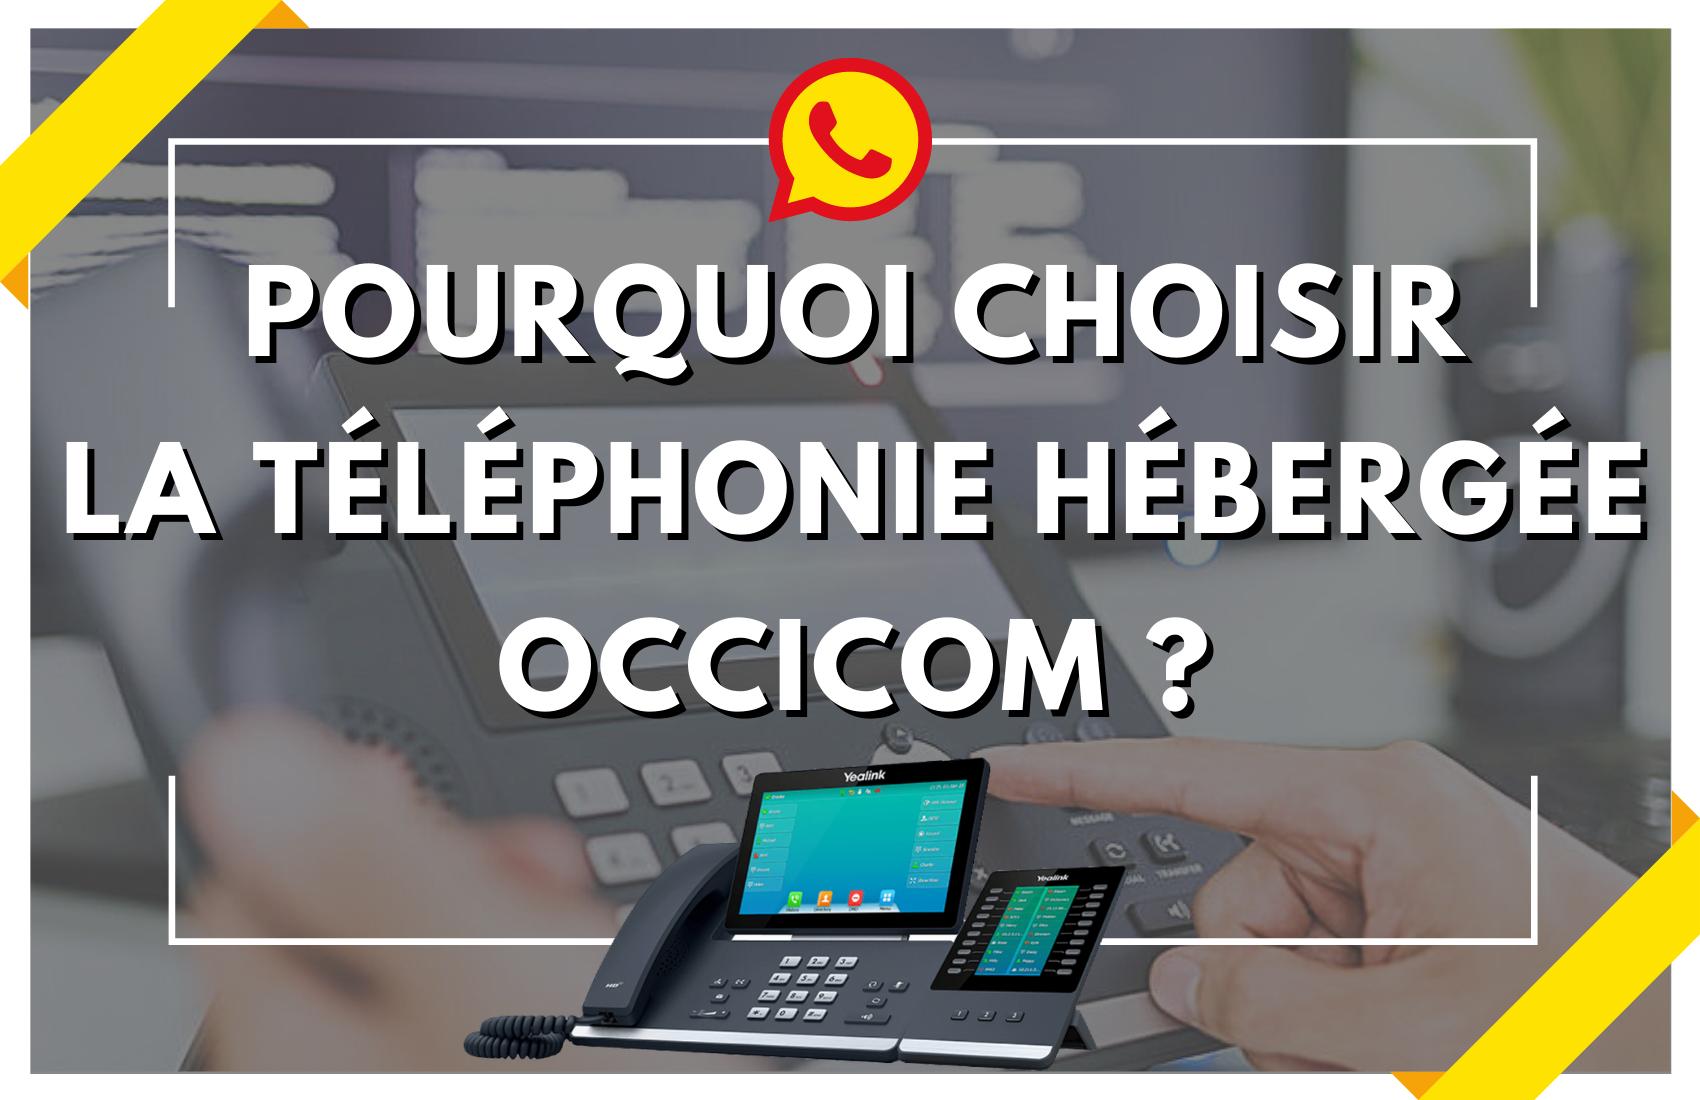 Passez à la téléphonie hébergée OcciCom !